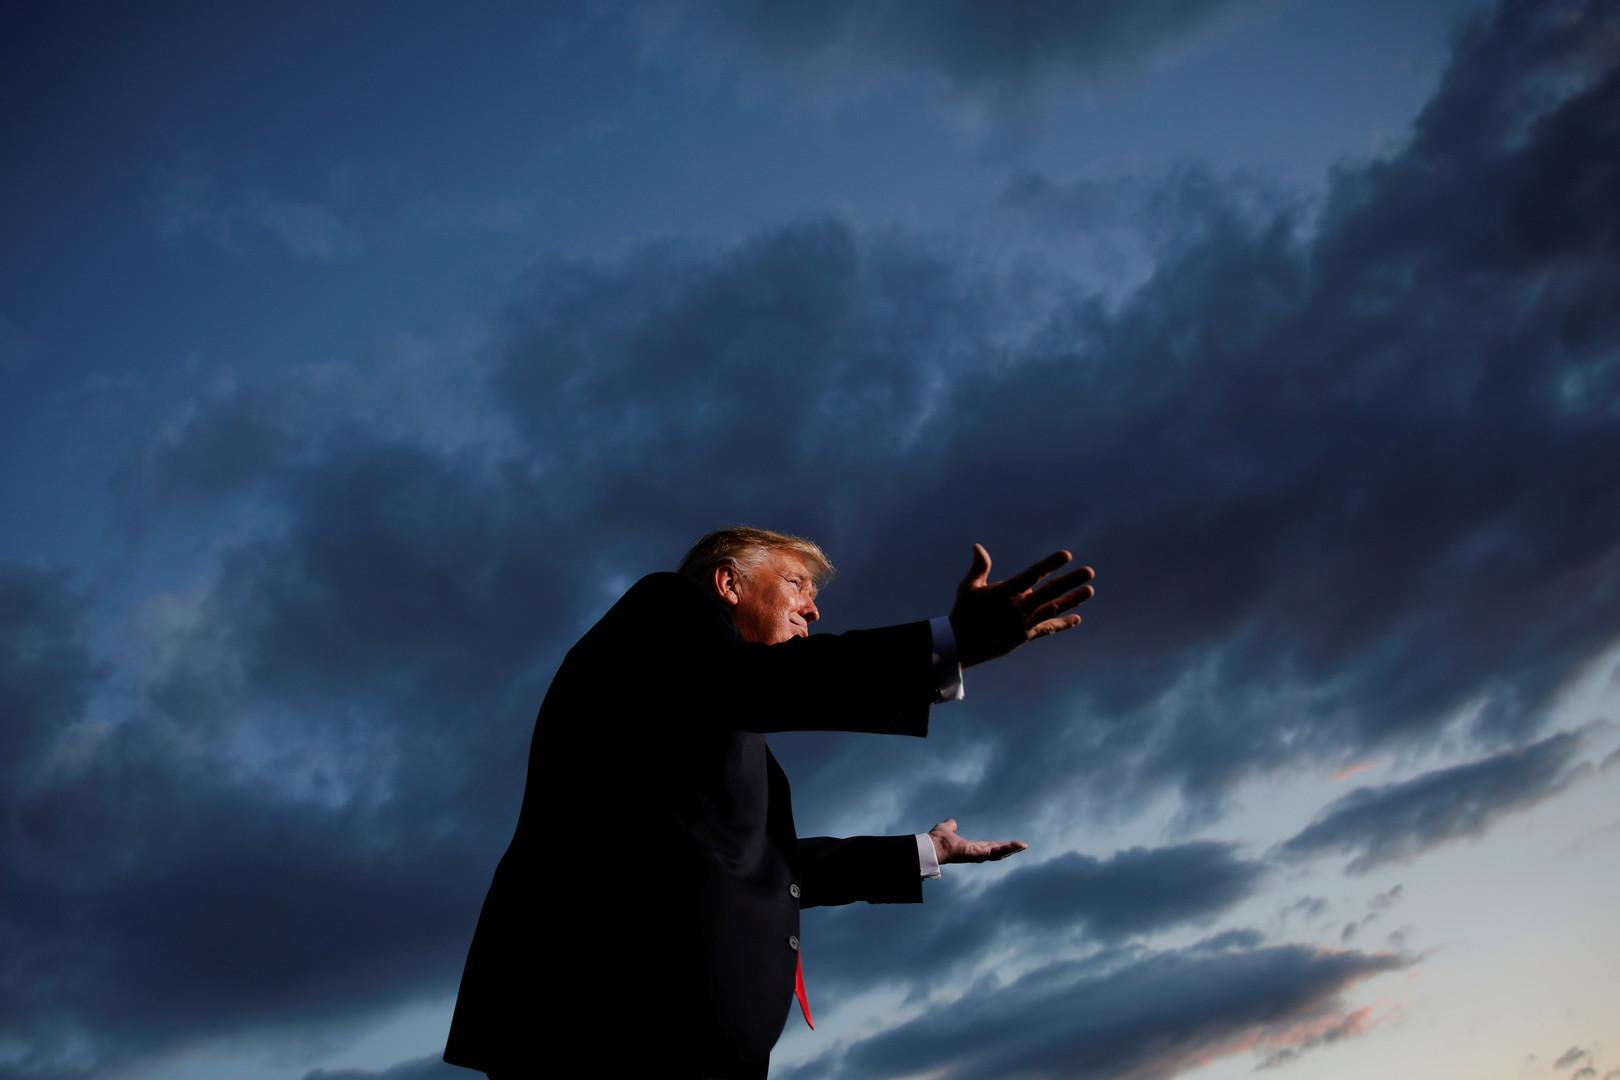 مسؤول إيراني: ترامب رئيس مجنون واقتراب سفن أمريكية منا يشكل خطرا عليها